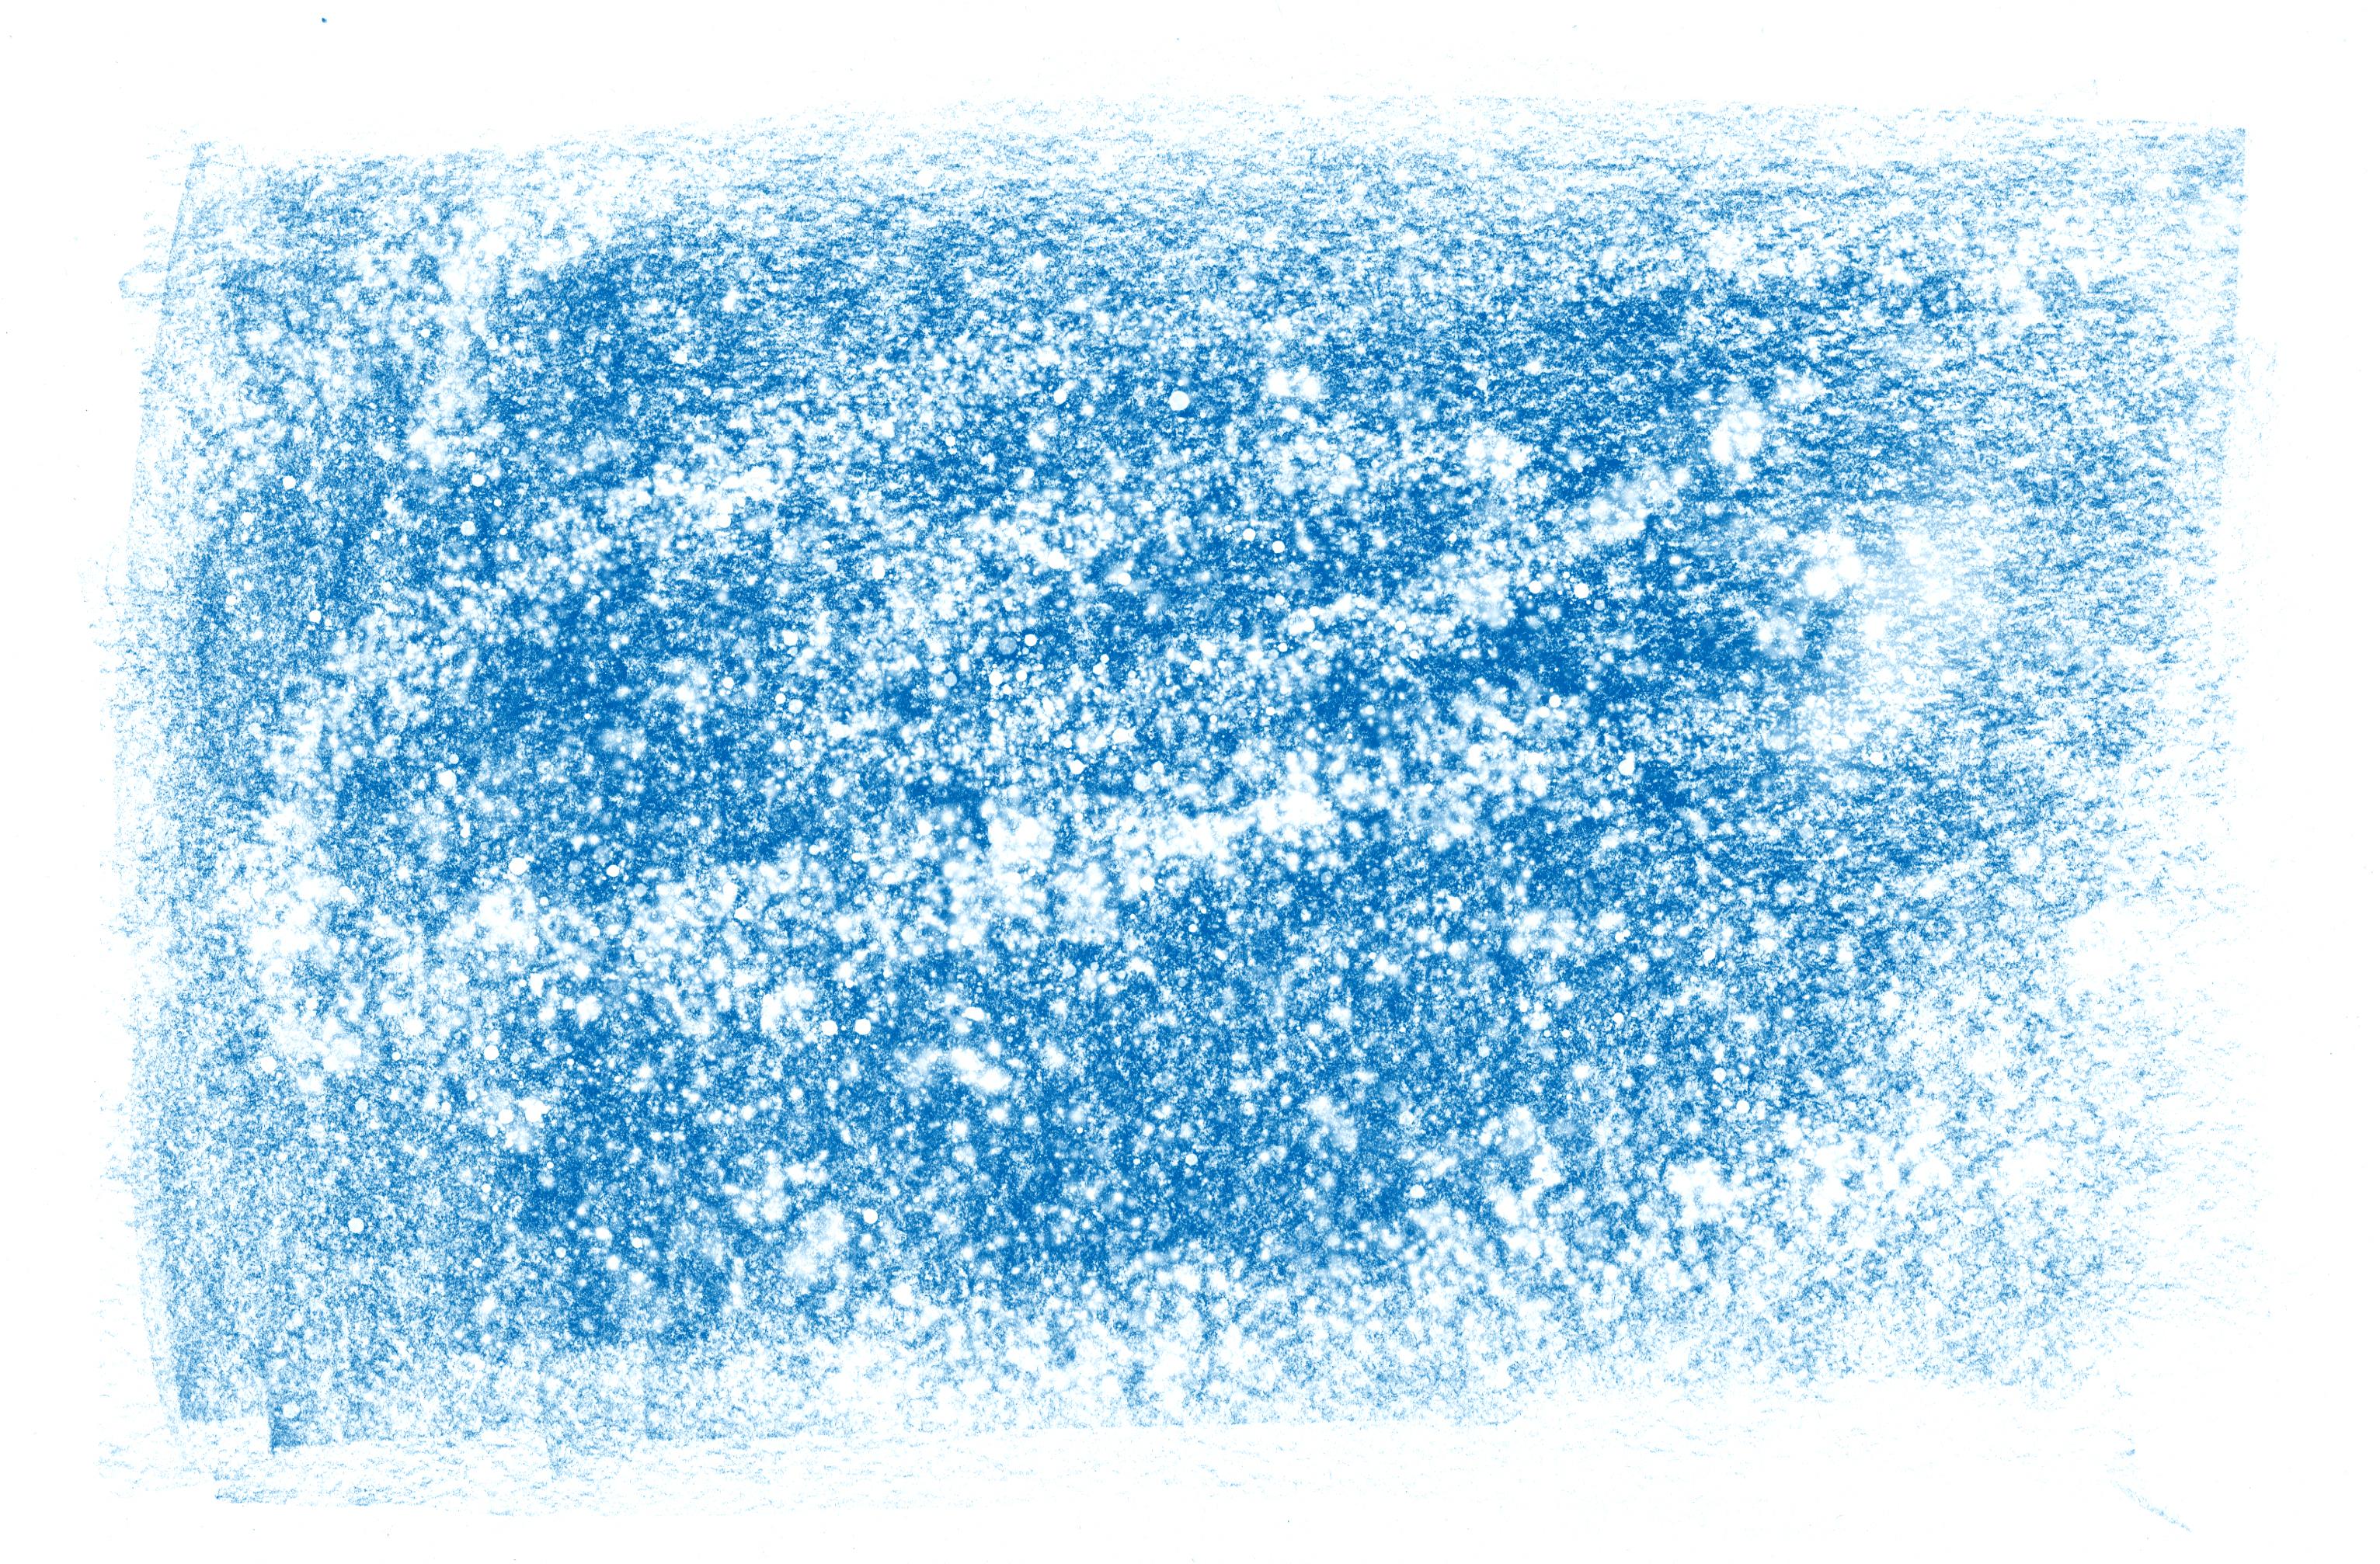 07 Il tappeto di stelle